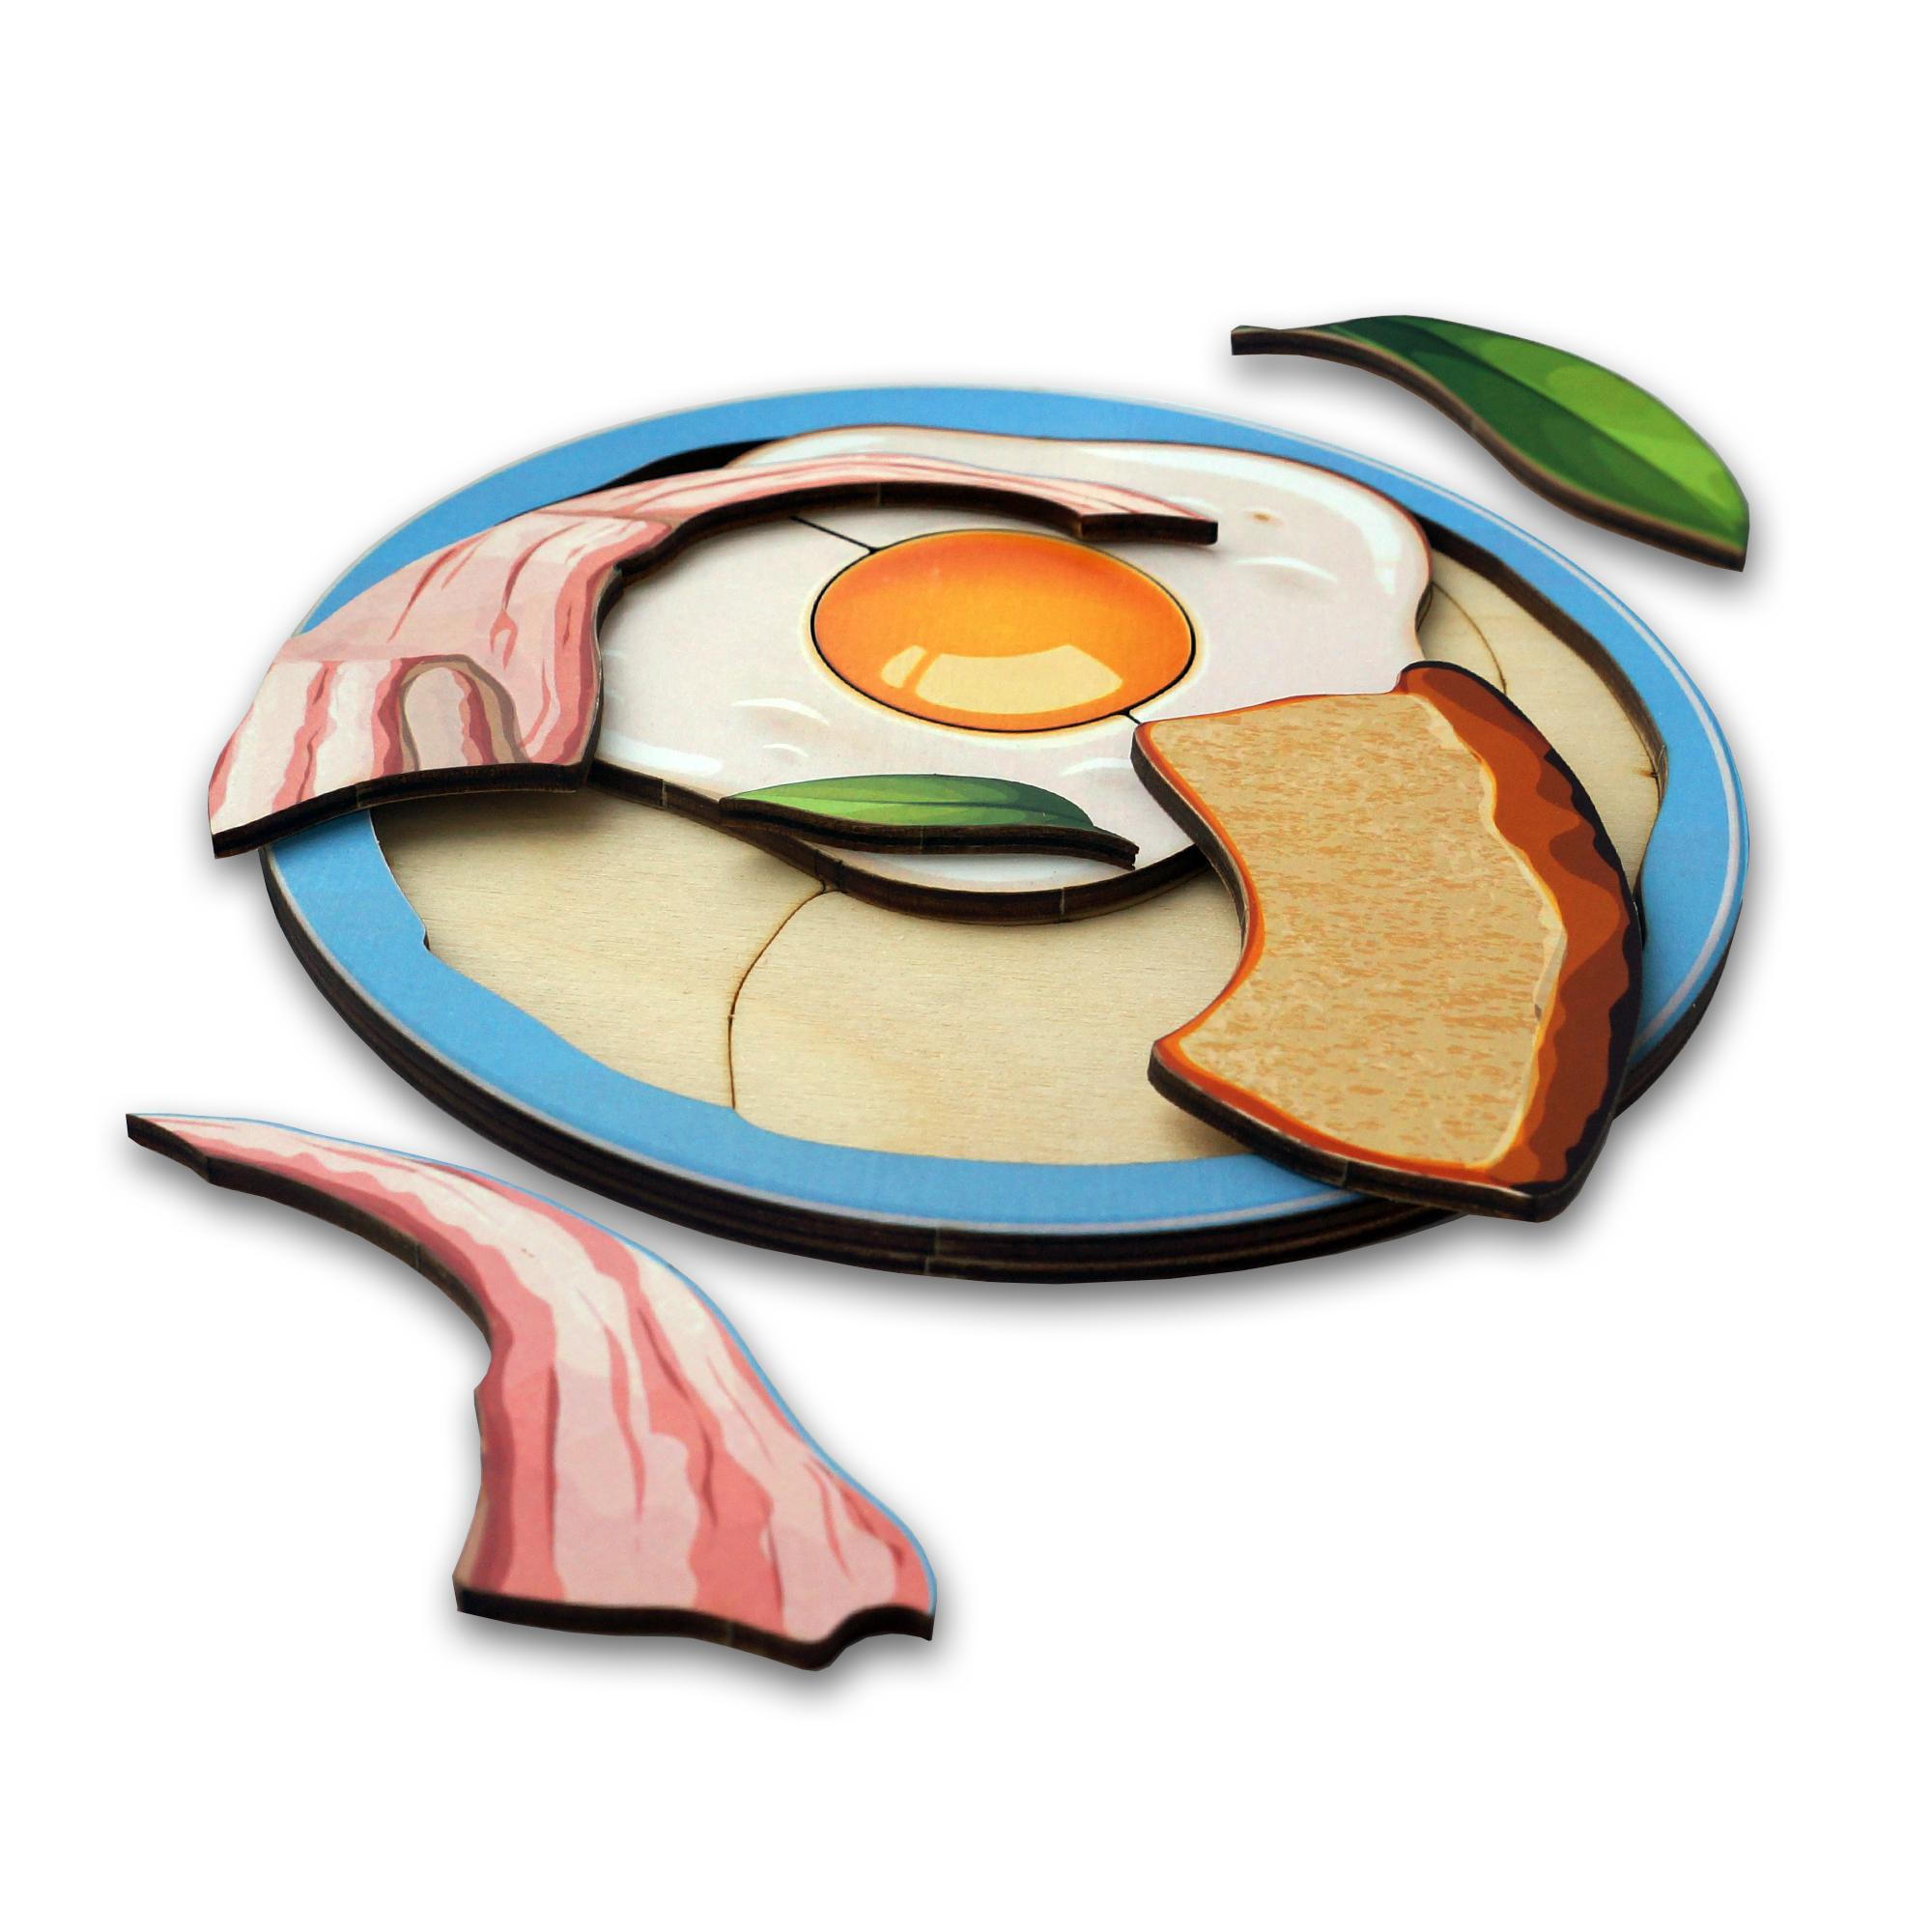 Вкладыш «Завтрак»